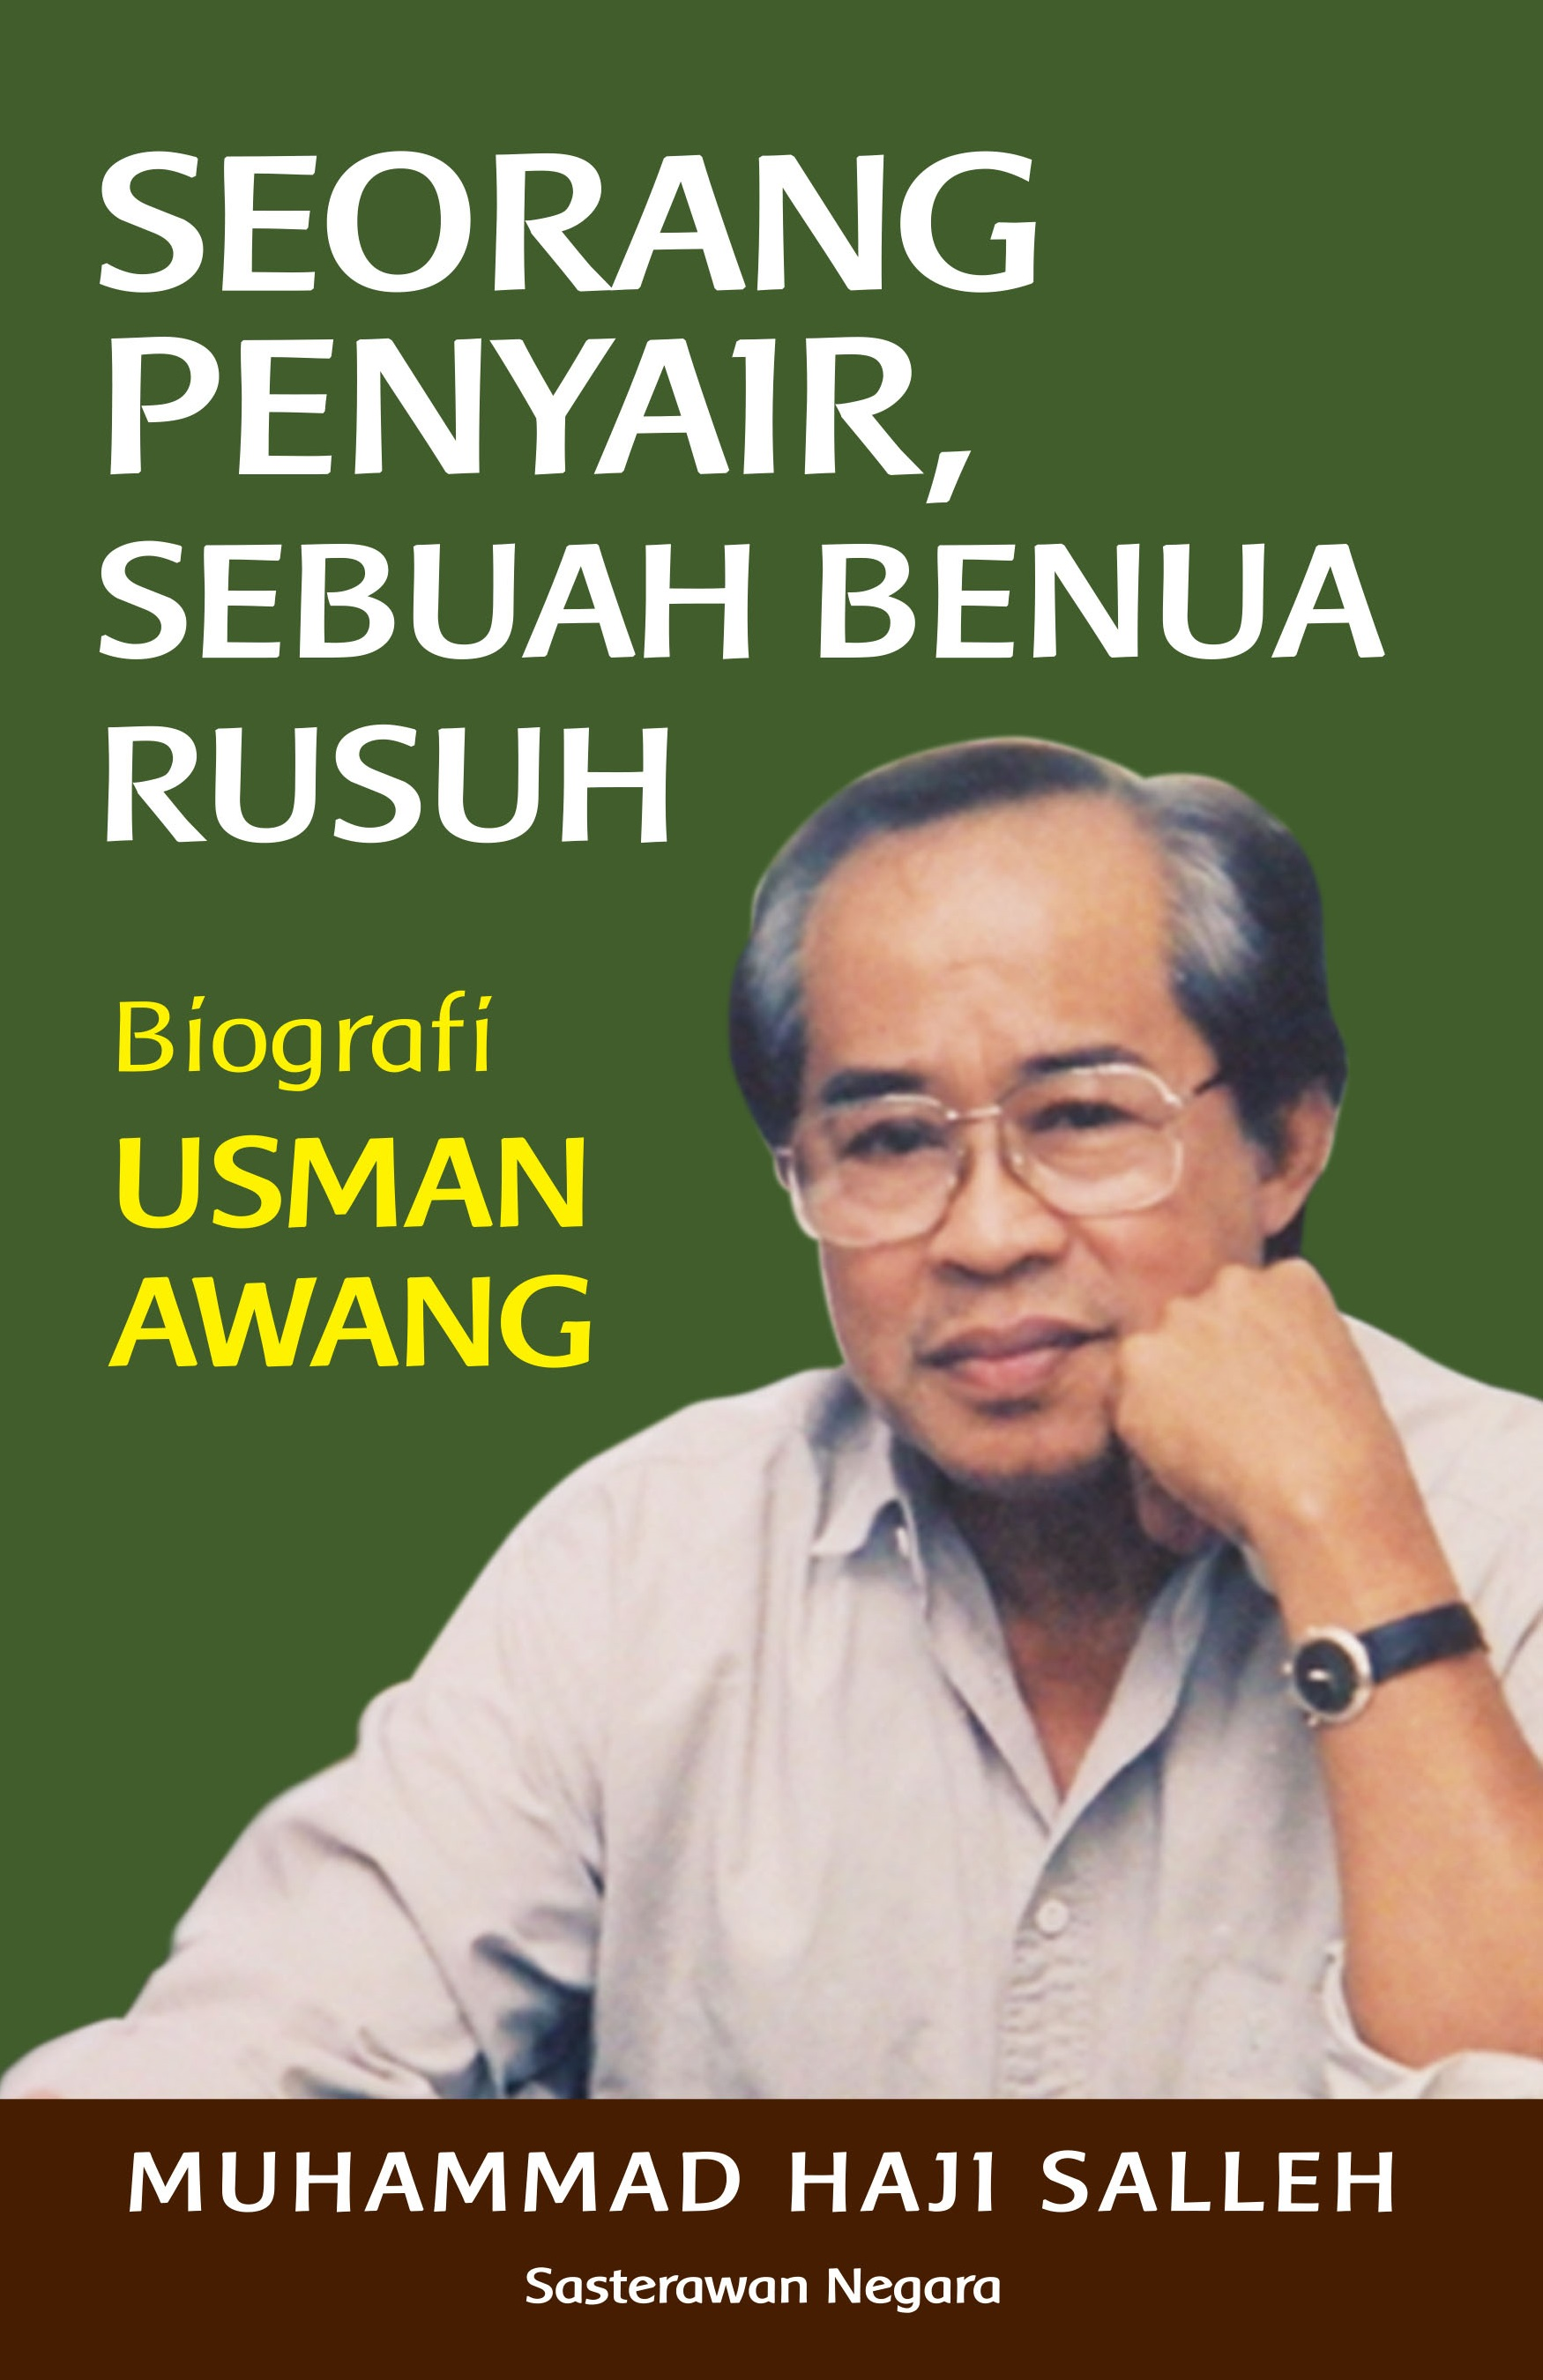 Seorang Penyair Sebuah Benua Rusuh Biografi Usman Awang